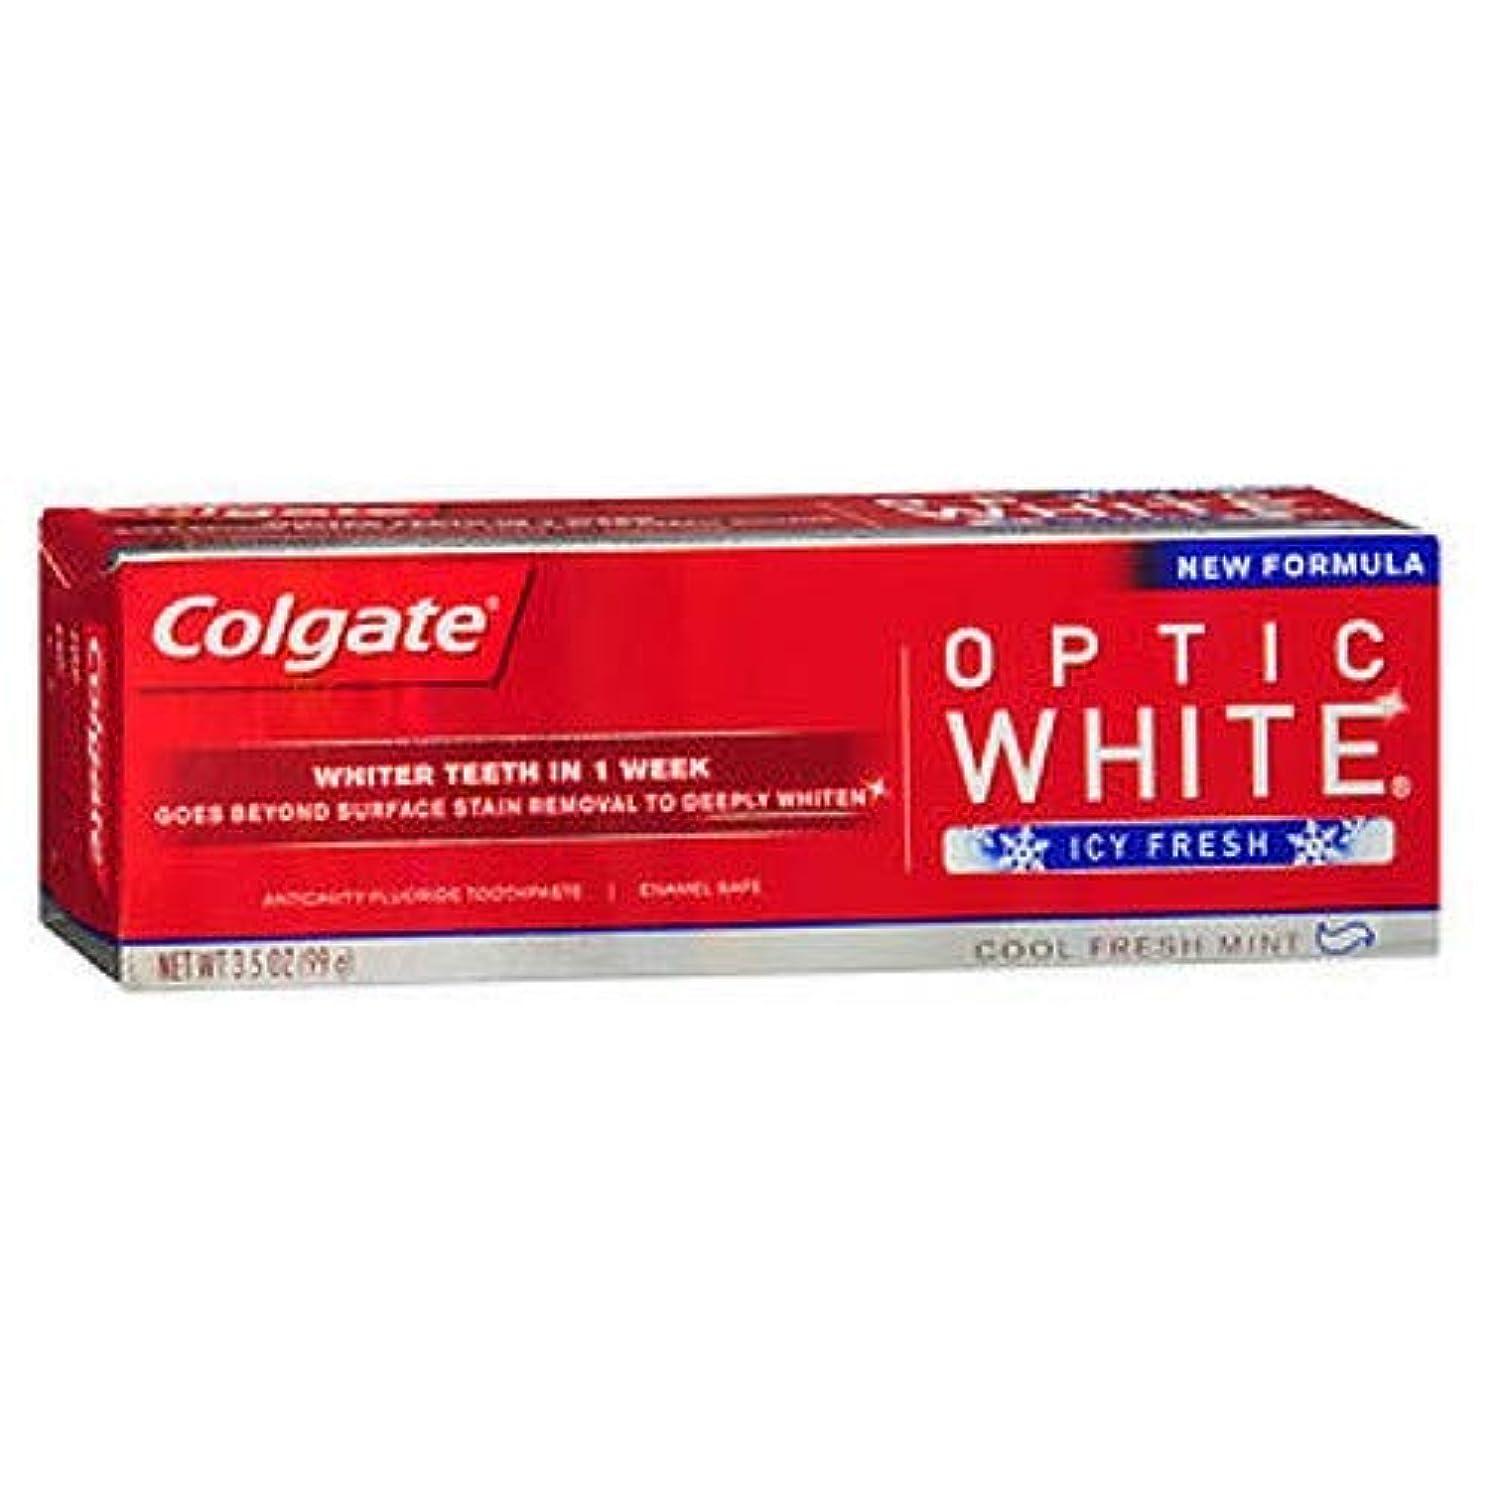 反逆おもしろいバイパスColgate Optic White コルゲート Icy Fresh アドバンス ホワイトニング 99g